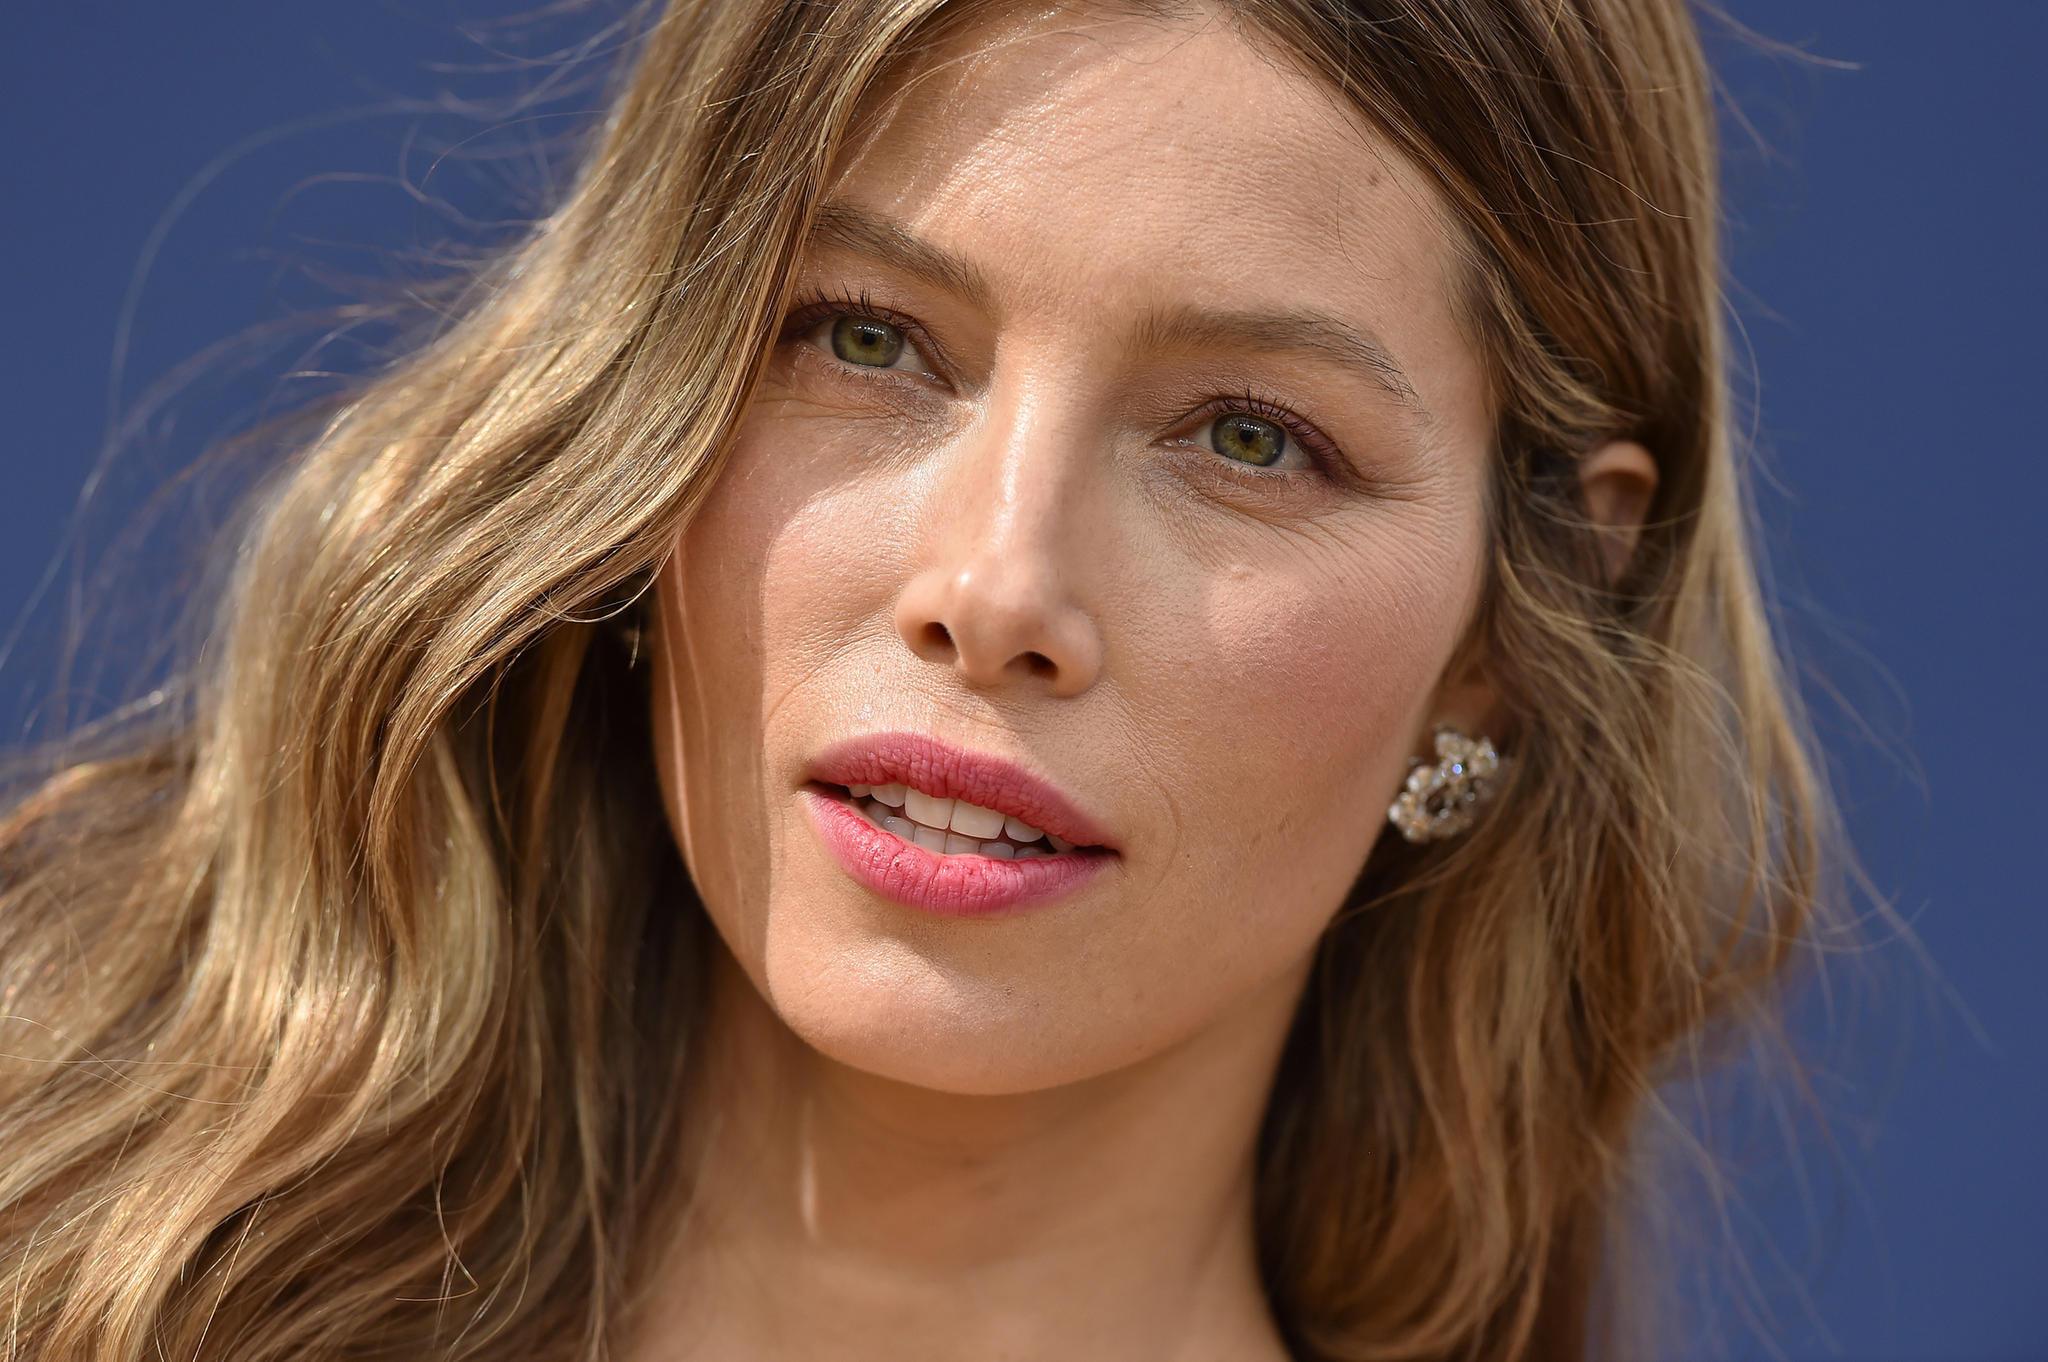 Bei Jessica Biel können Paparazzi eine Migräne auslösen